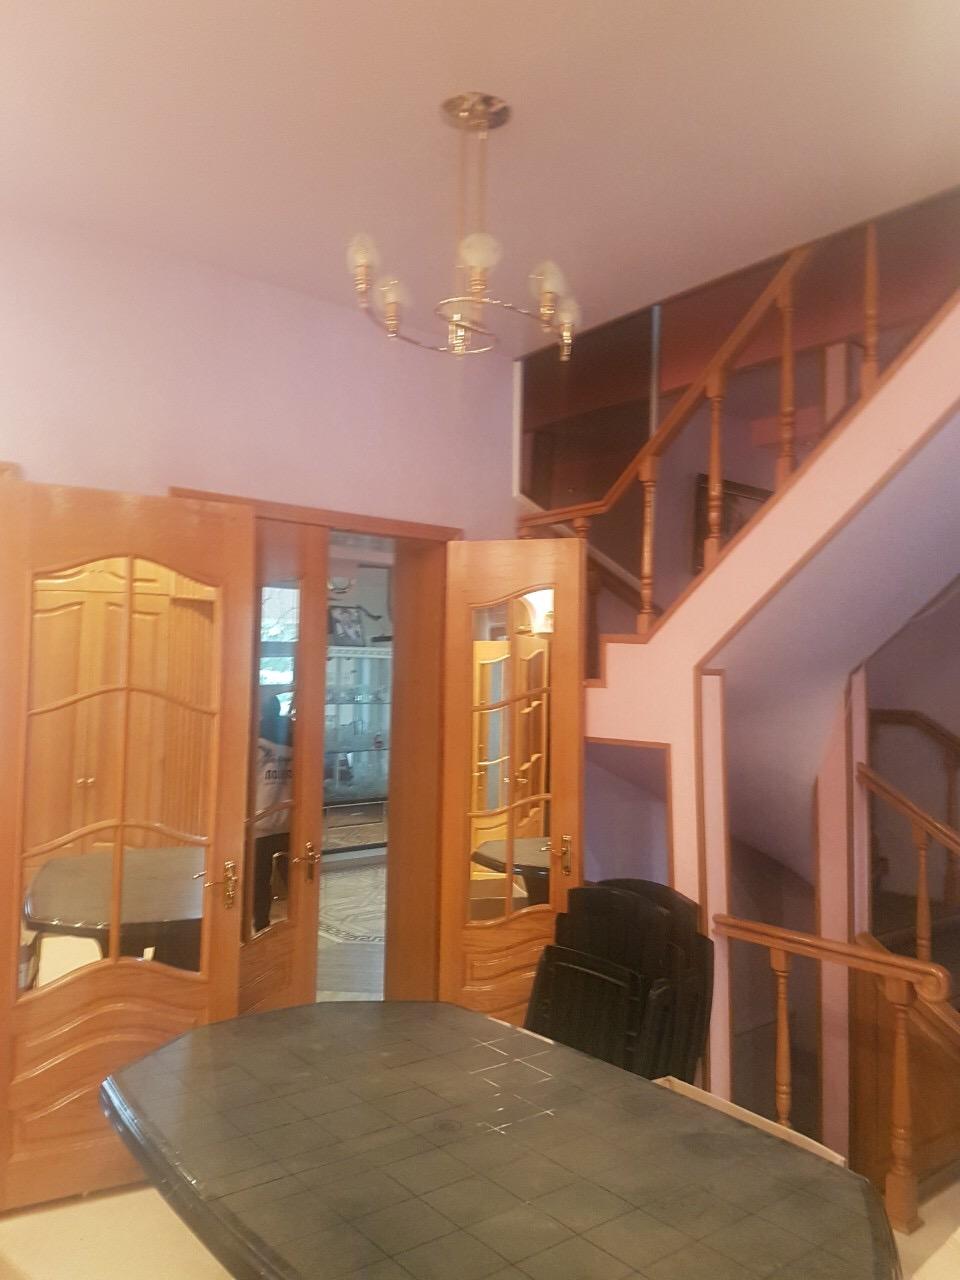 Харьковская область,4 Комнат Комнат,3 Ванных комнатВанных комнат,Жилая недвижимость,2,1132